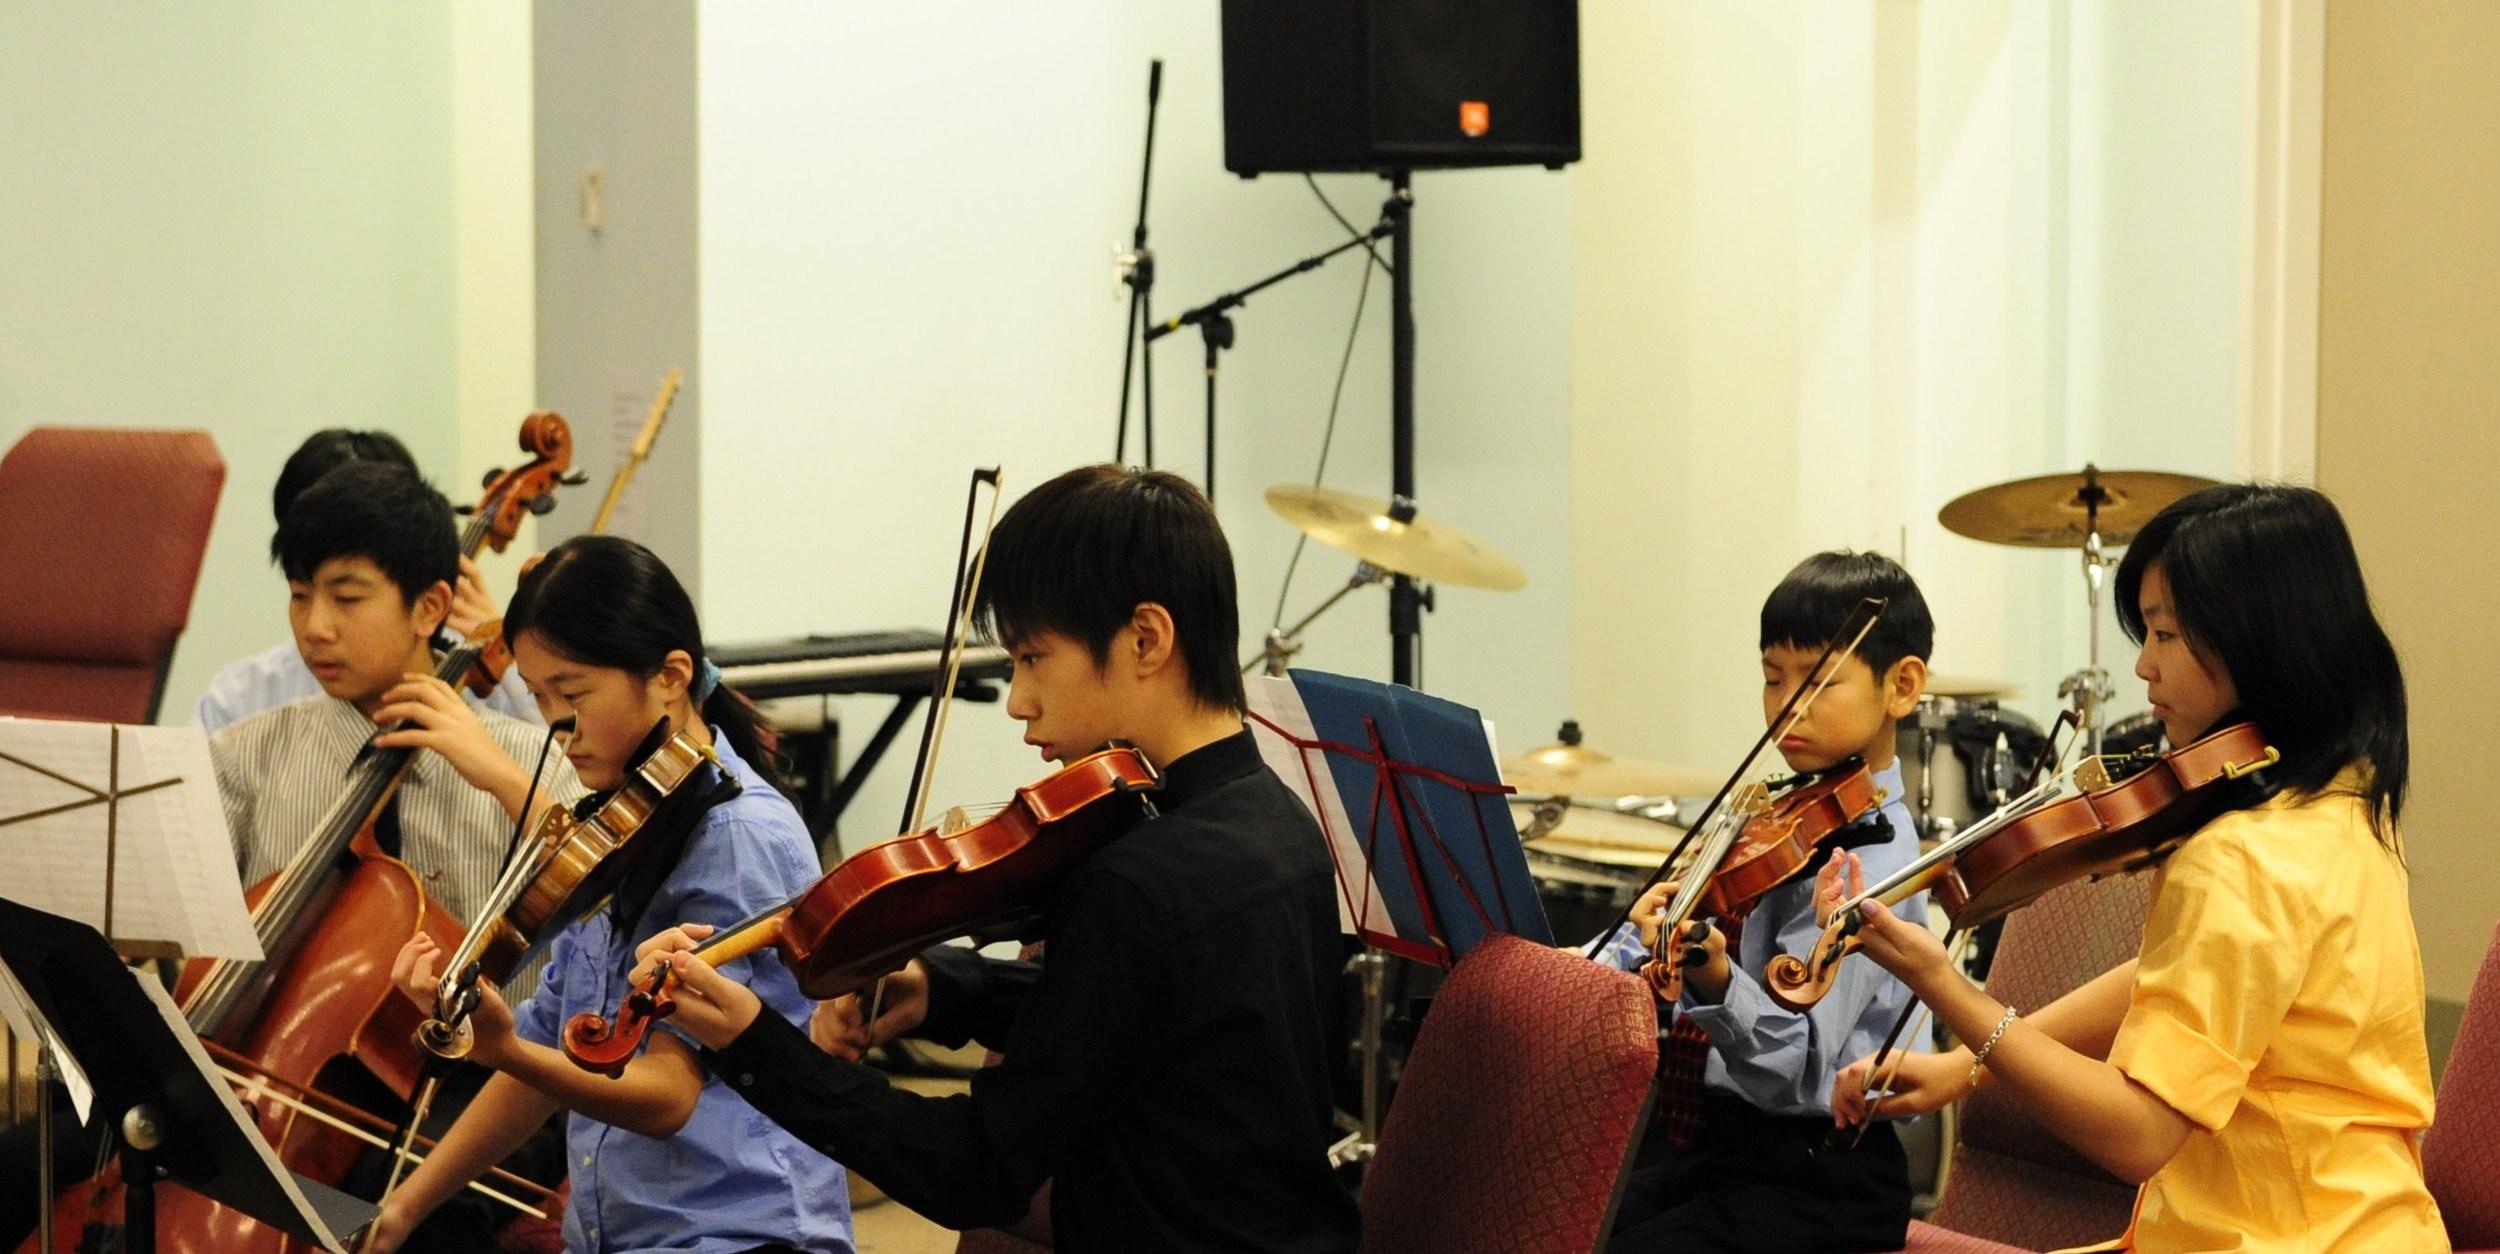 Violin II and cellos